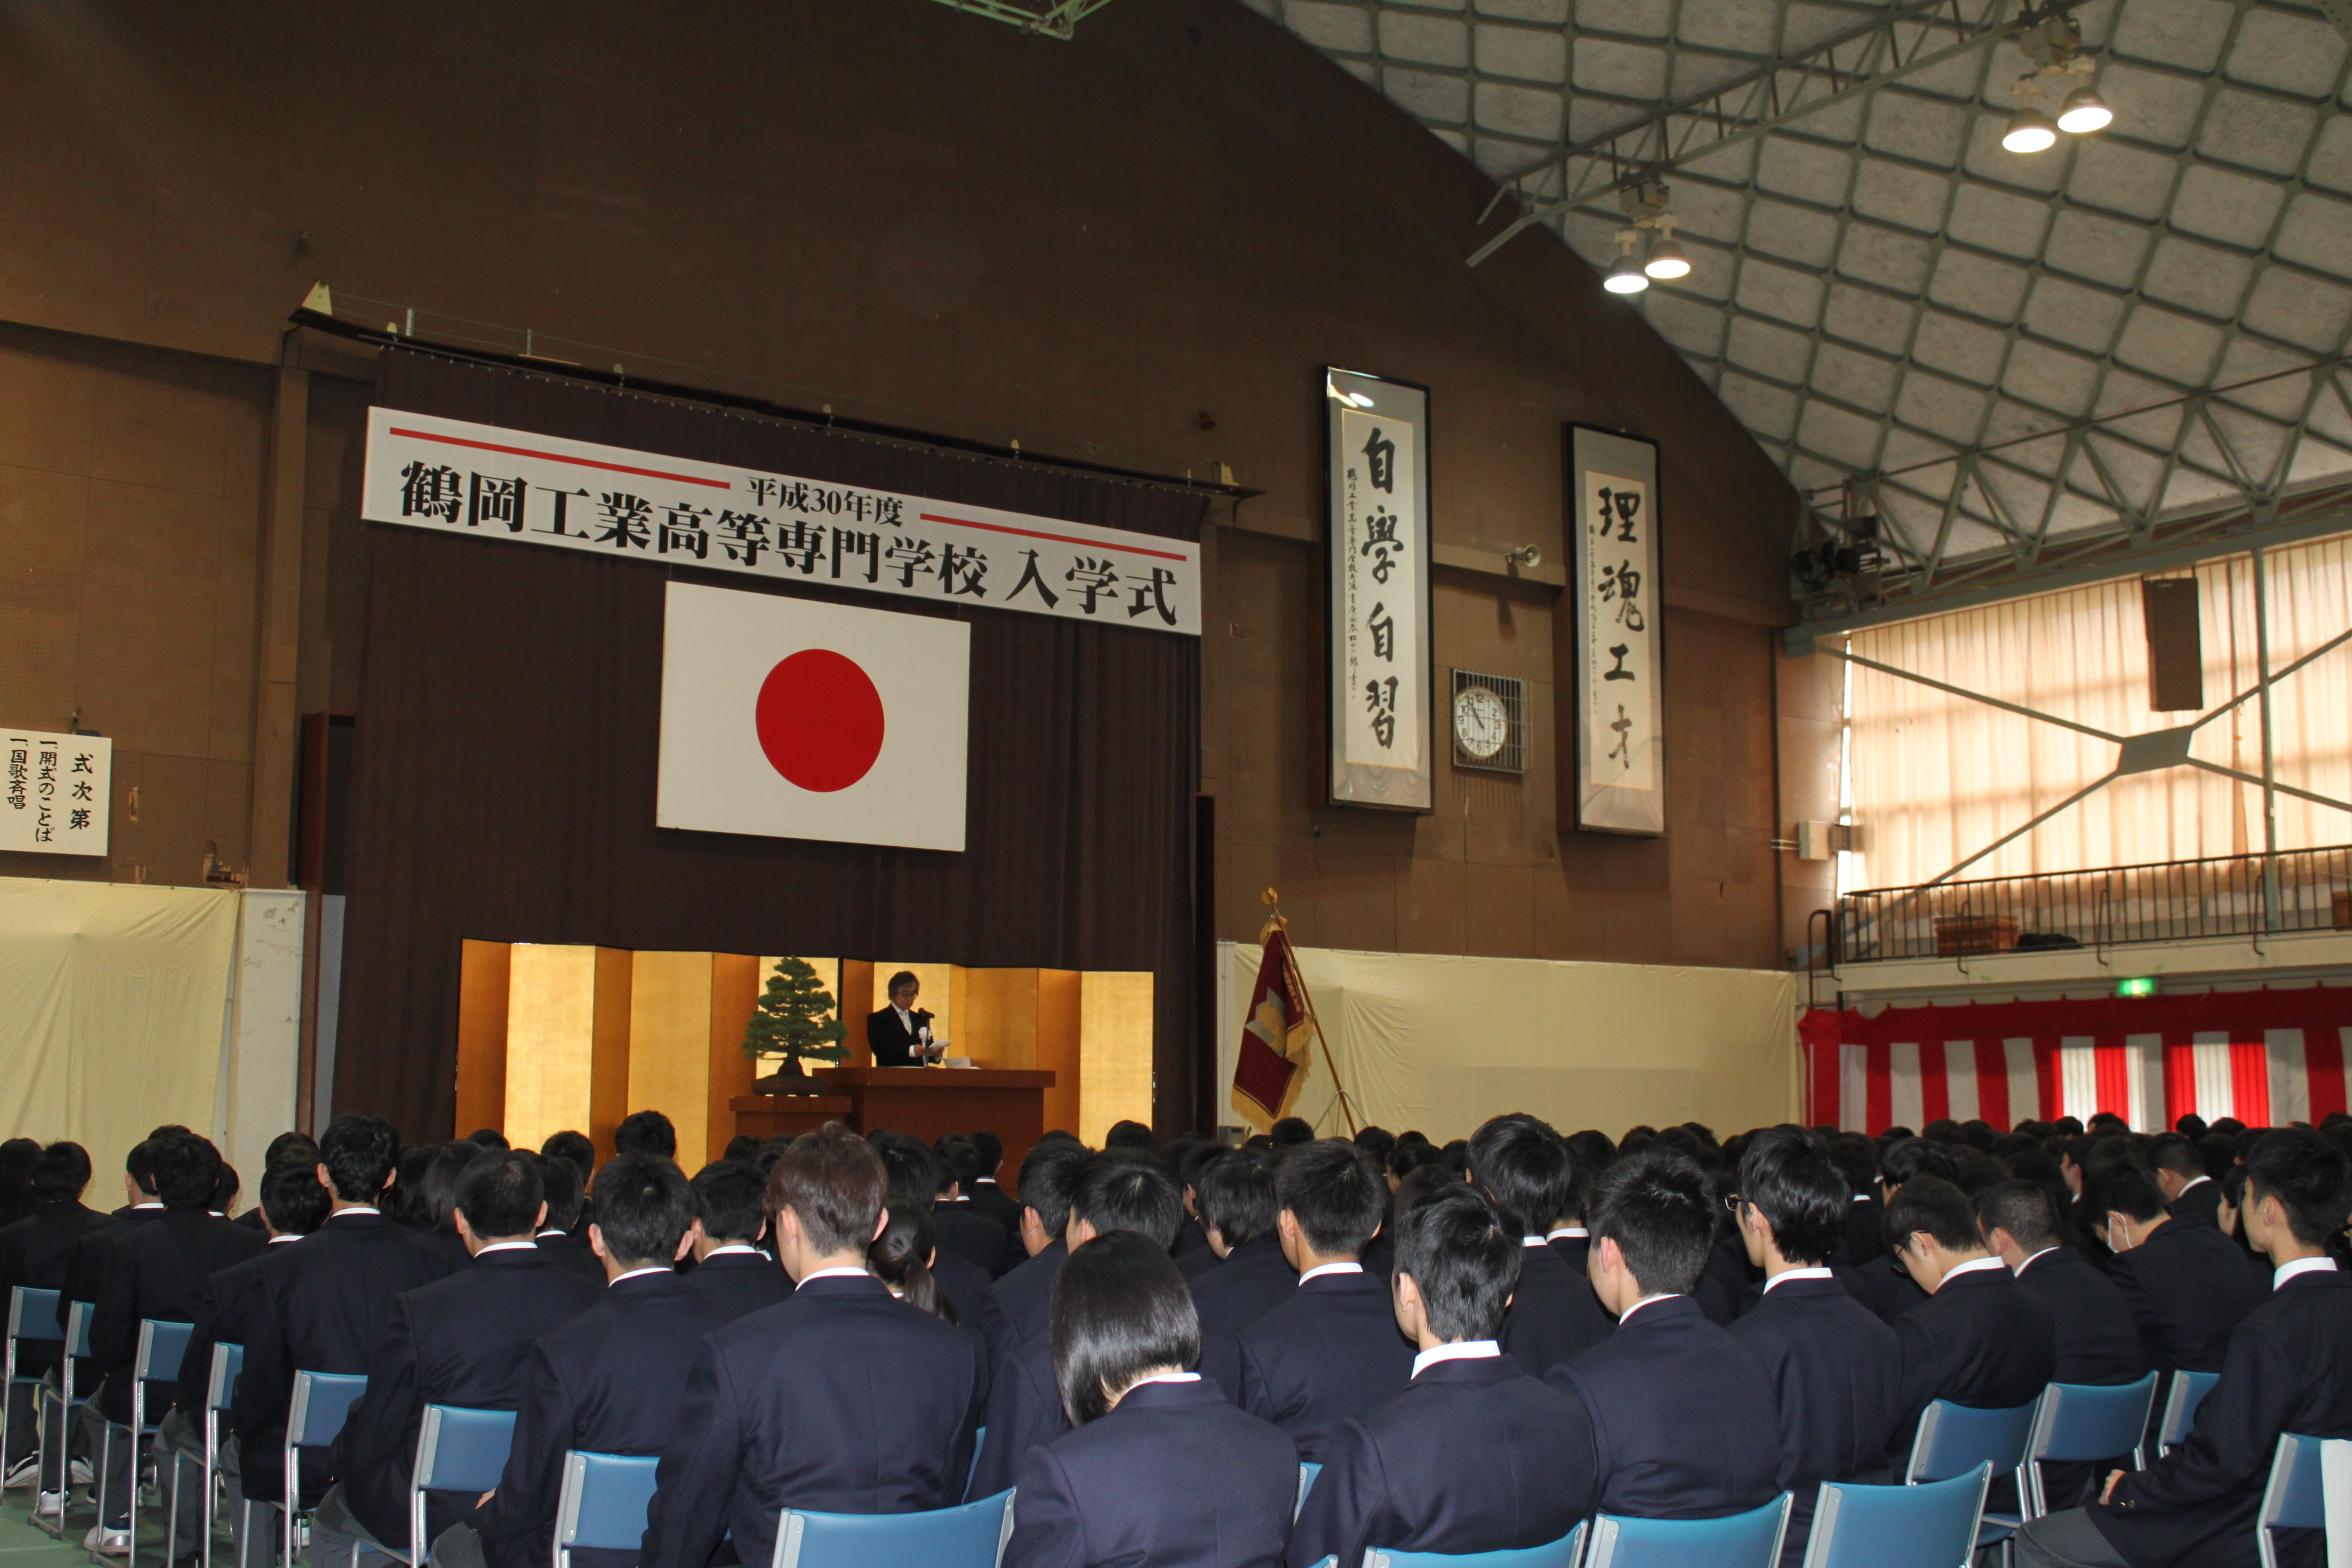 鶴岡工業高等専門学校画像